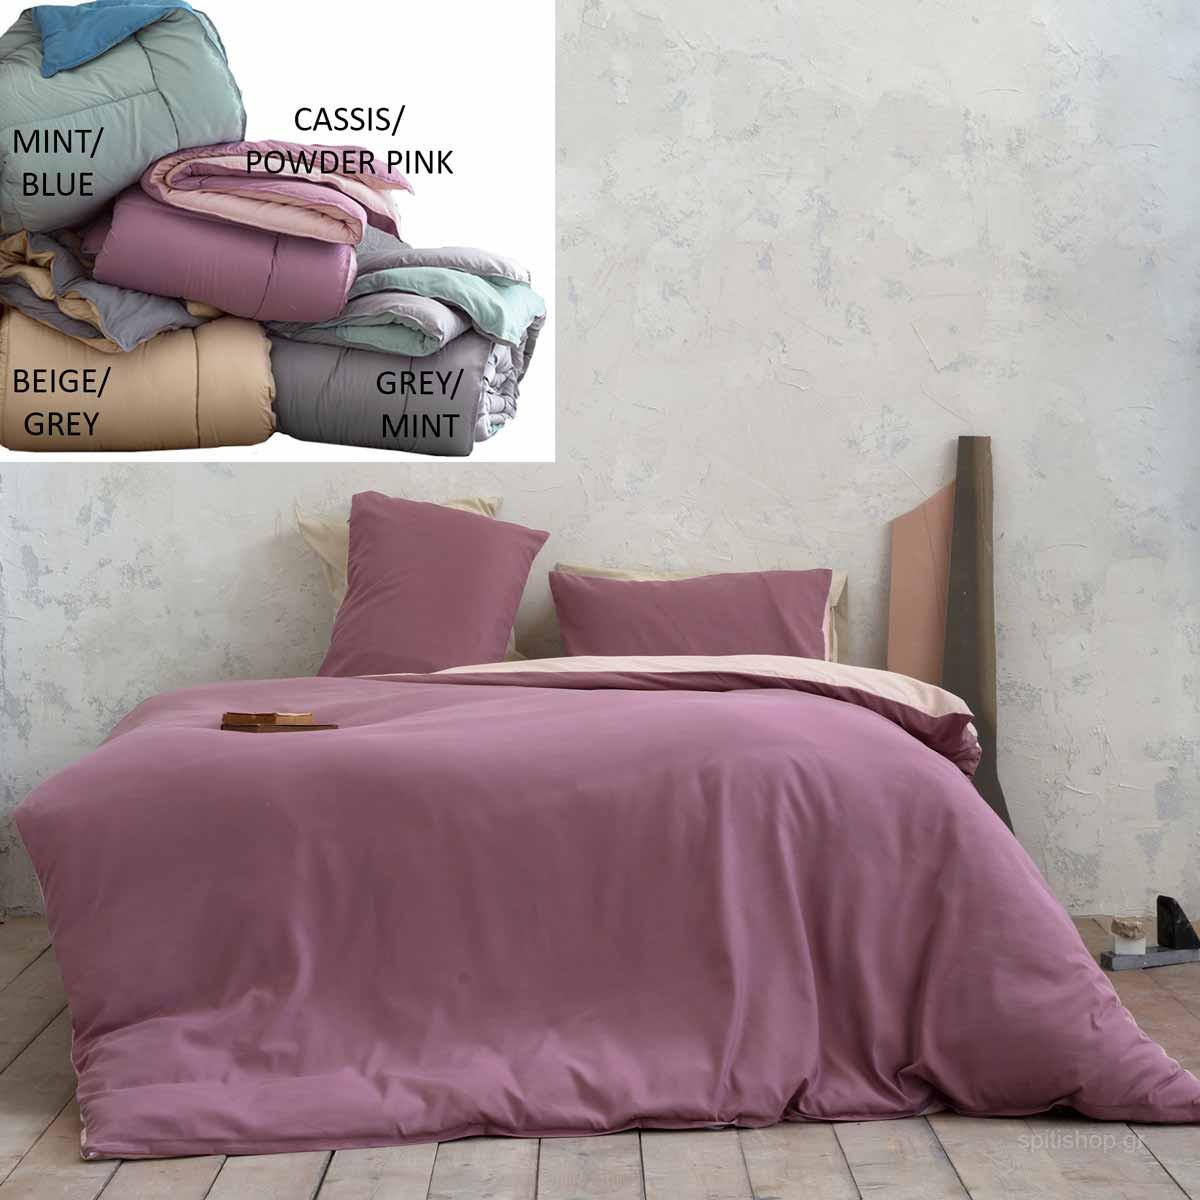 Πάπλωμα Μονό 2 Όψεων Nima Bed Linen Abalone AW2020